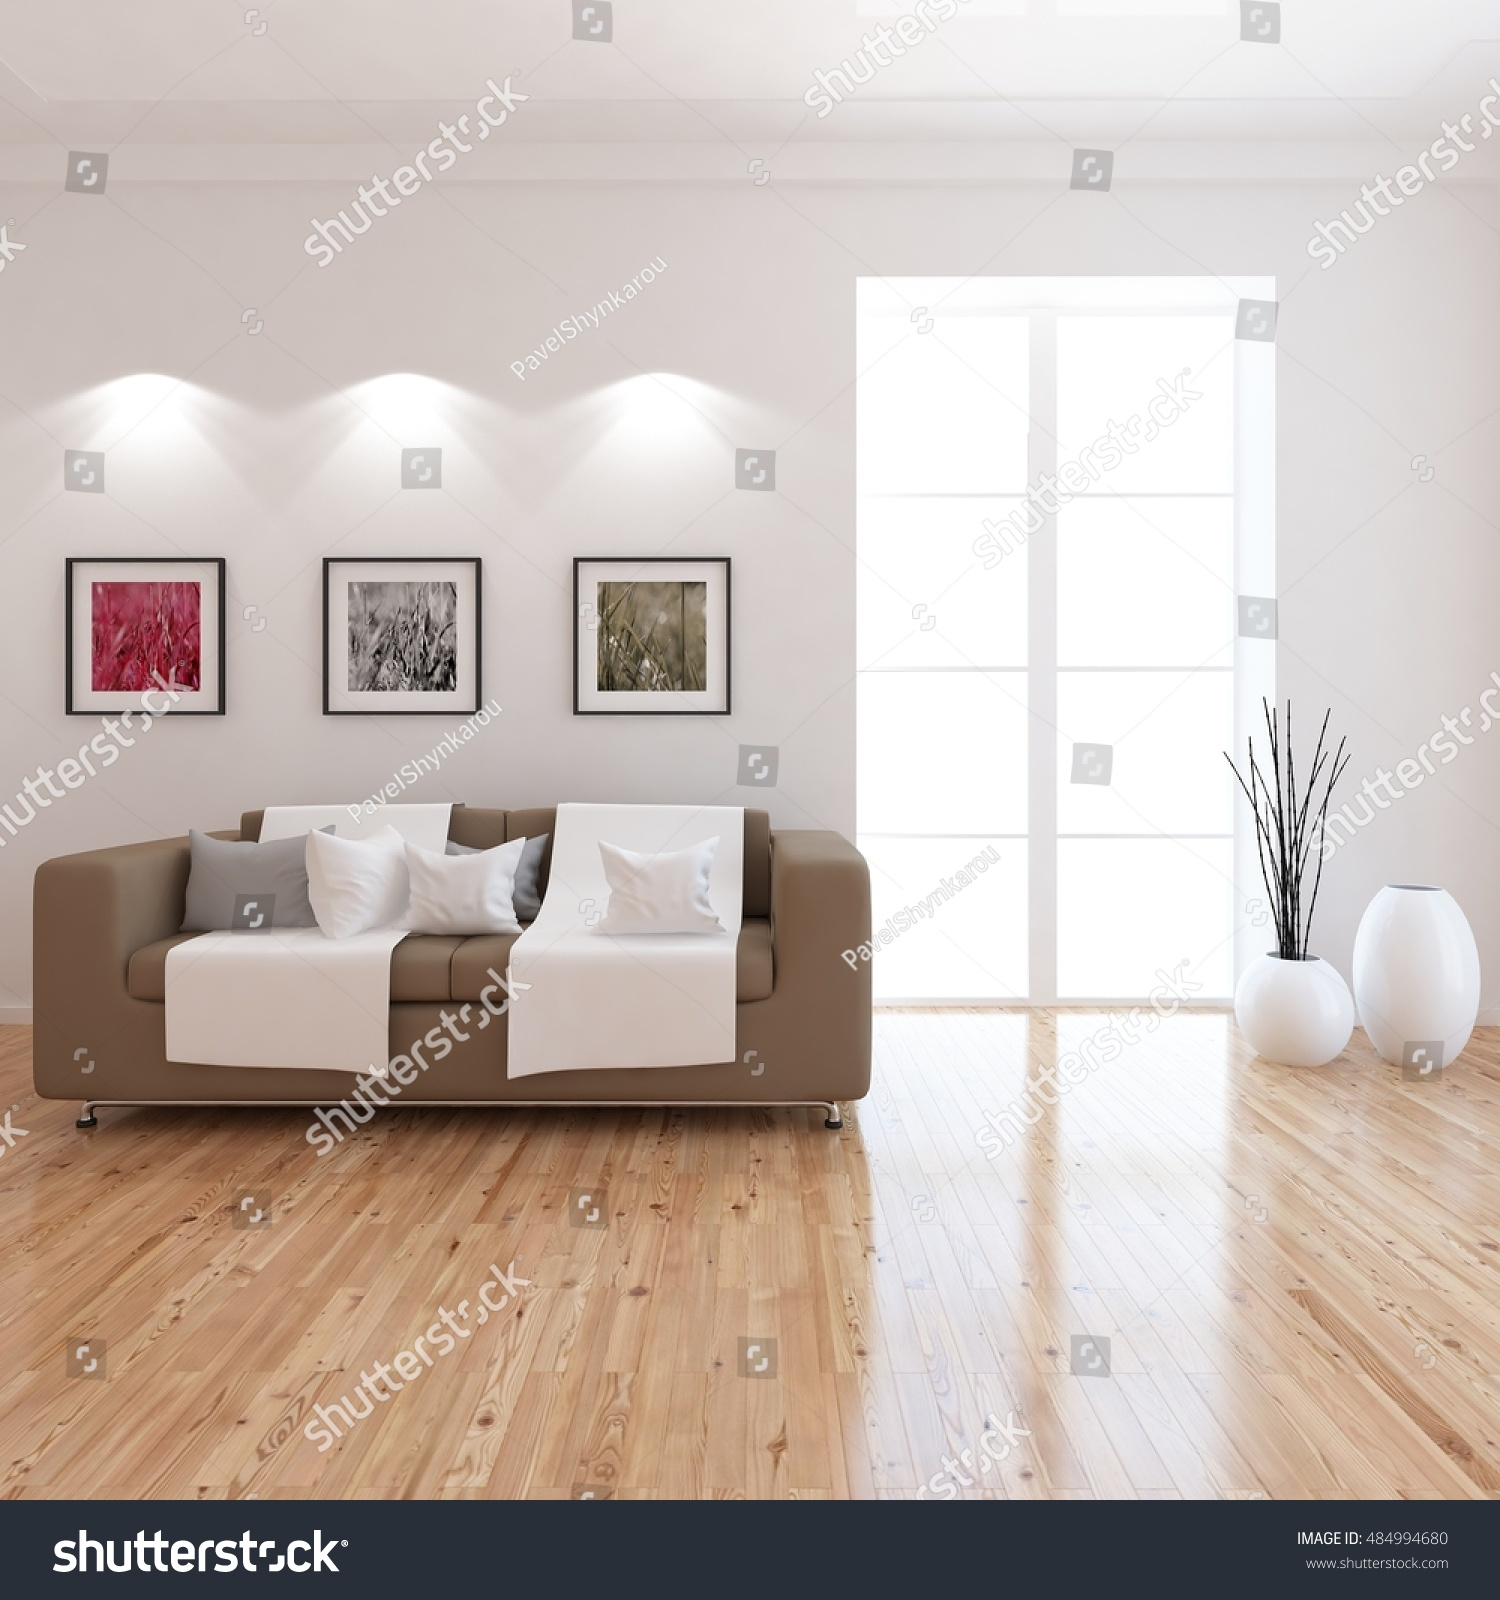 White Room Brown Sofa Living Room Stock Illustration 484994680 ...